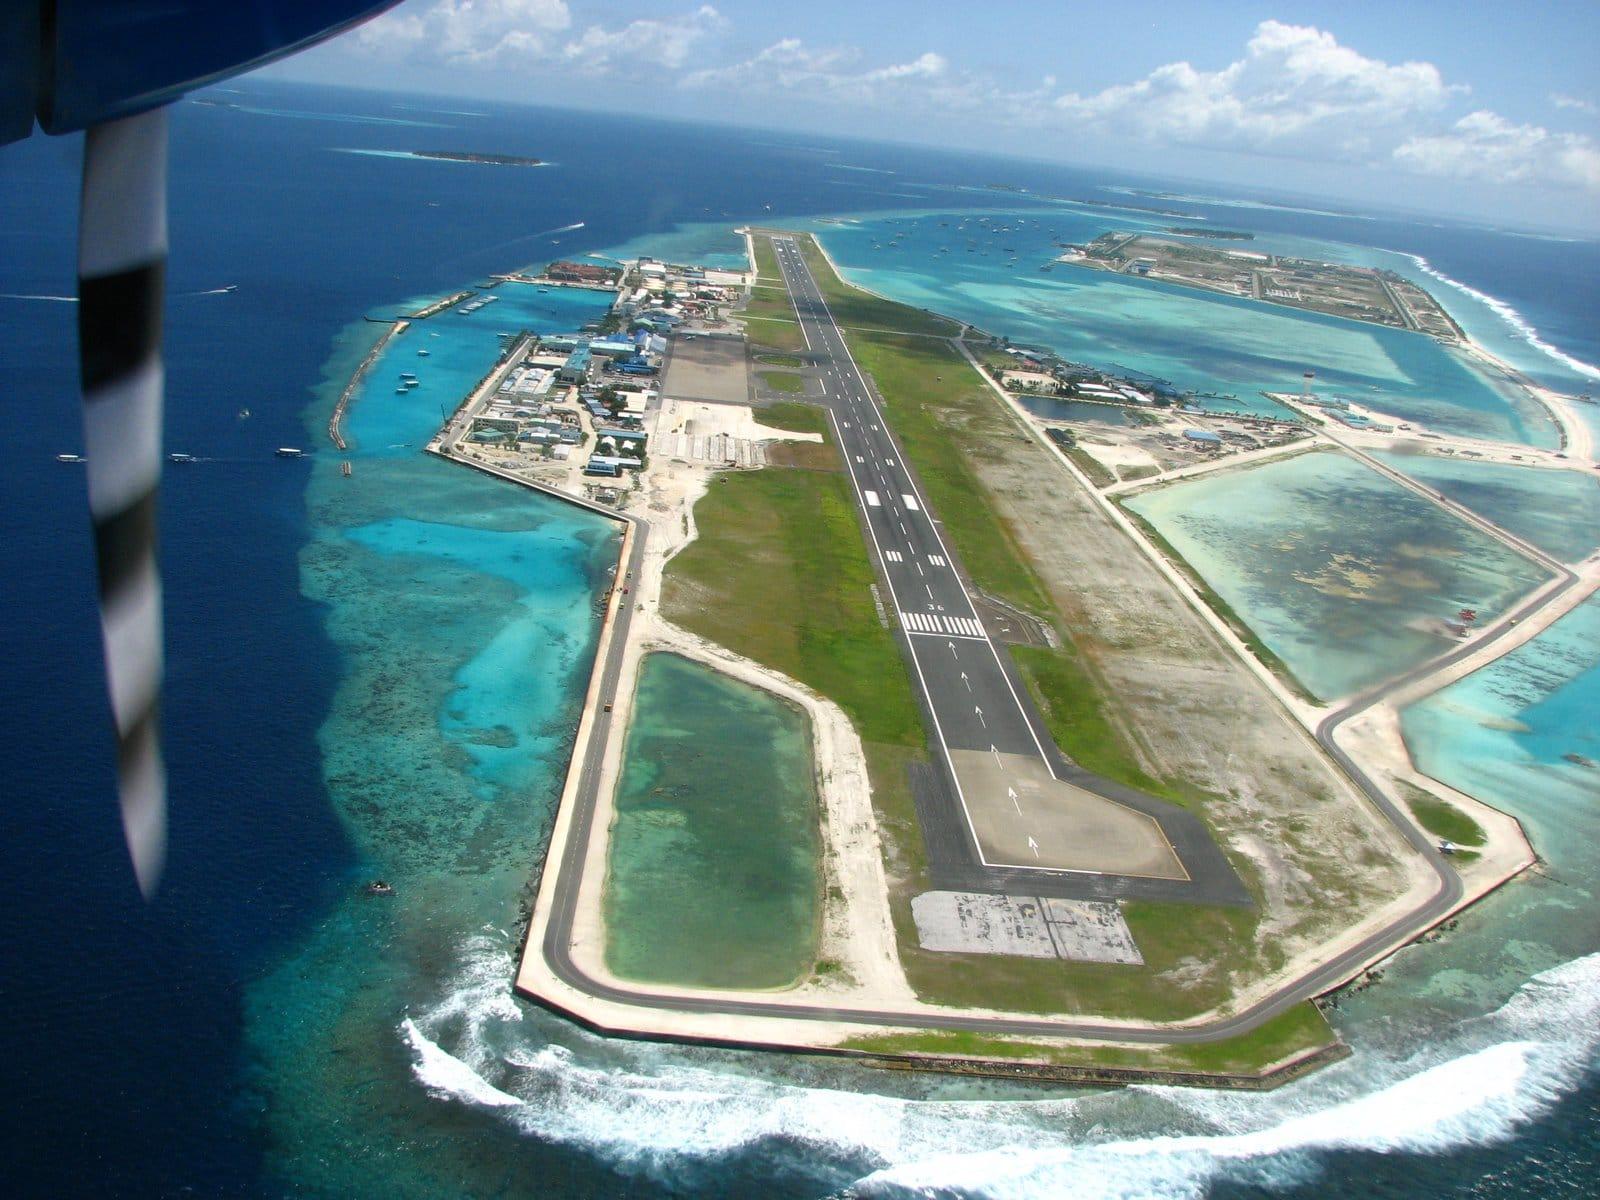 كيفية الوصول الي المالديف و التنقل الداخلي